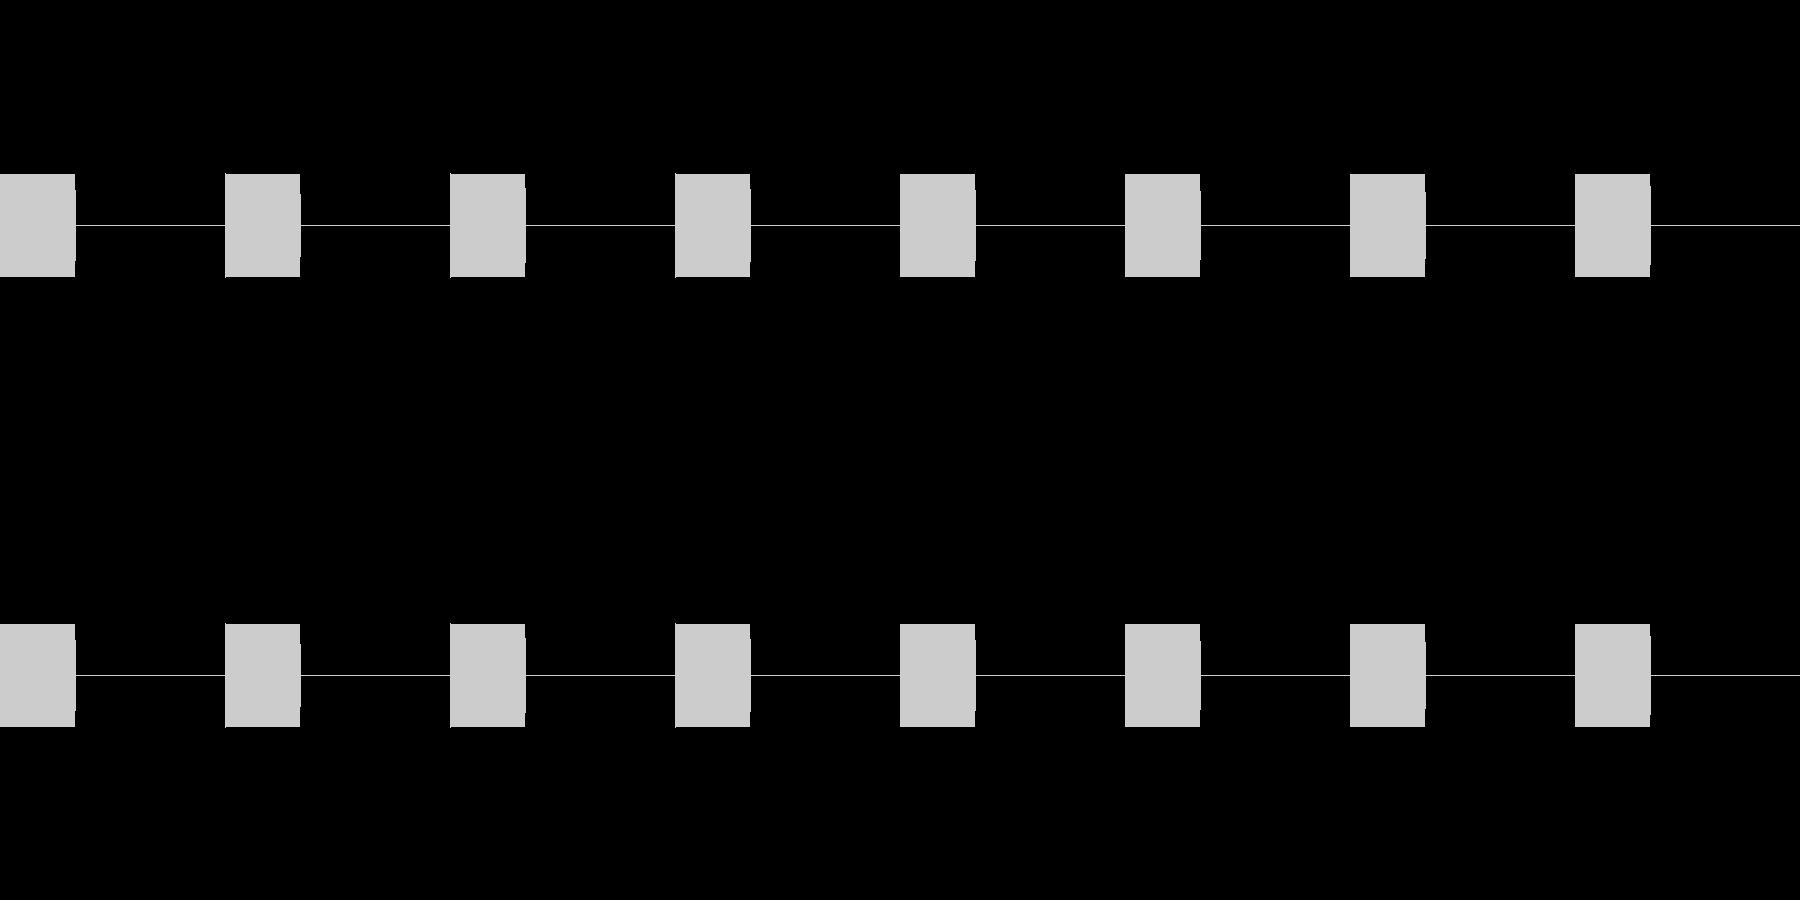 プルルル(電話の着信音)の未再生の波形